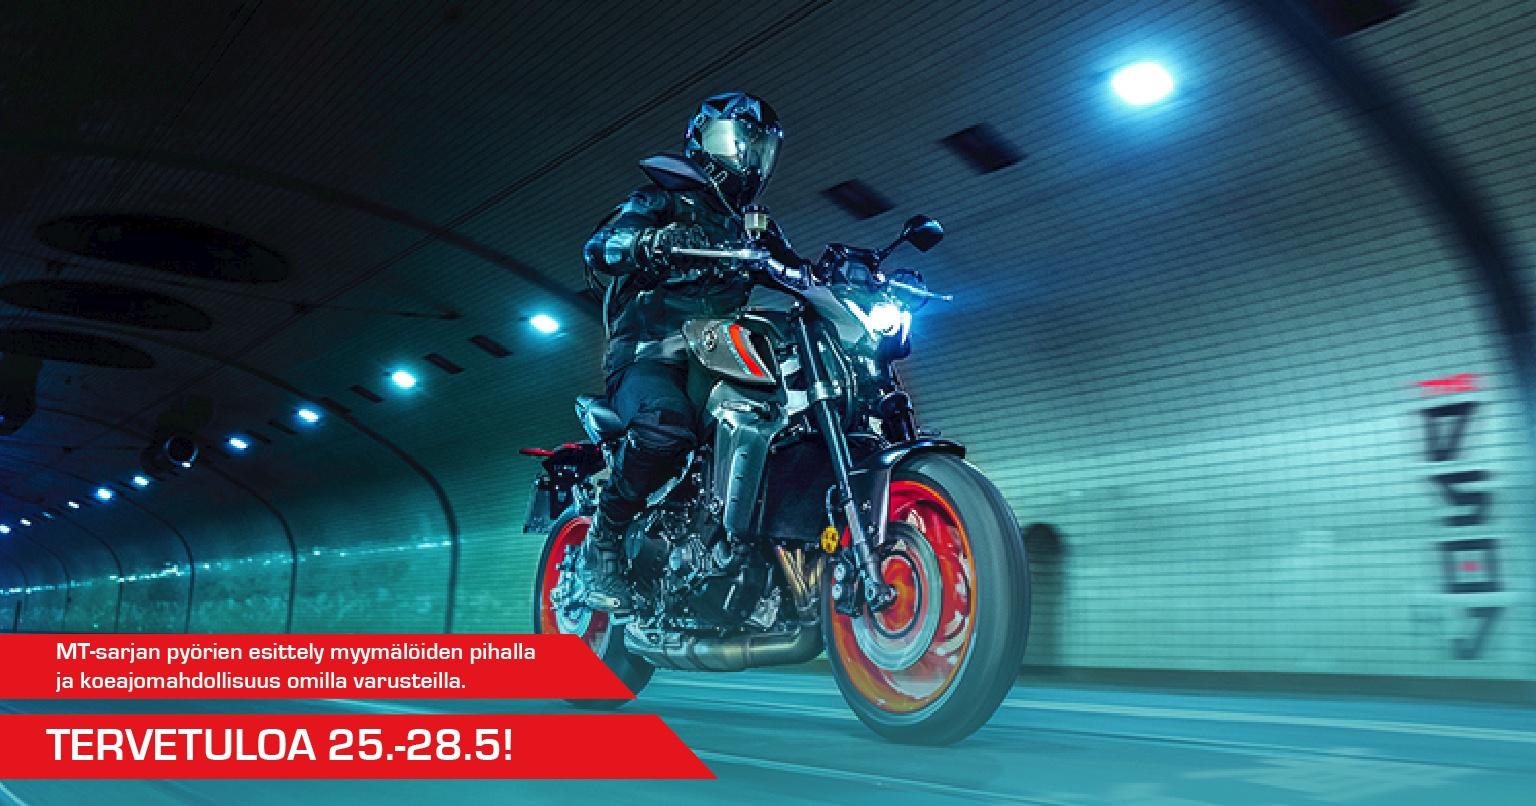 Tervetuloa koeajamaan Yamahan MT-sarjan moottoripyöriä 25.-28.5.!